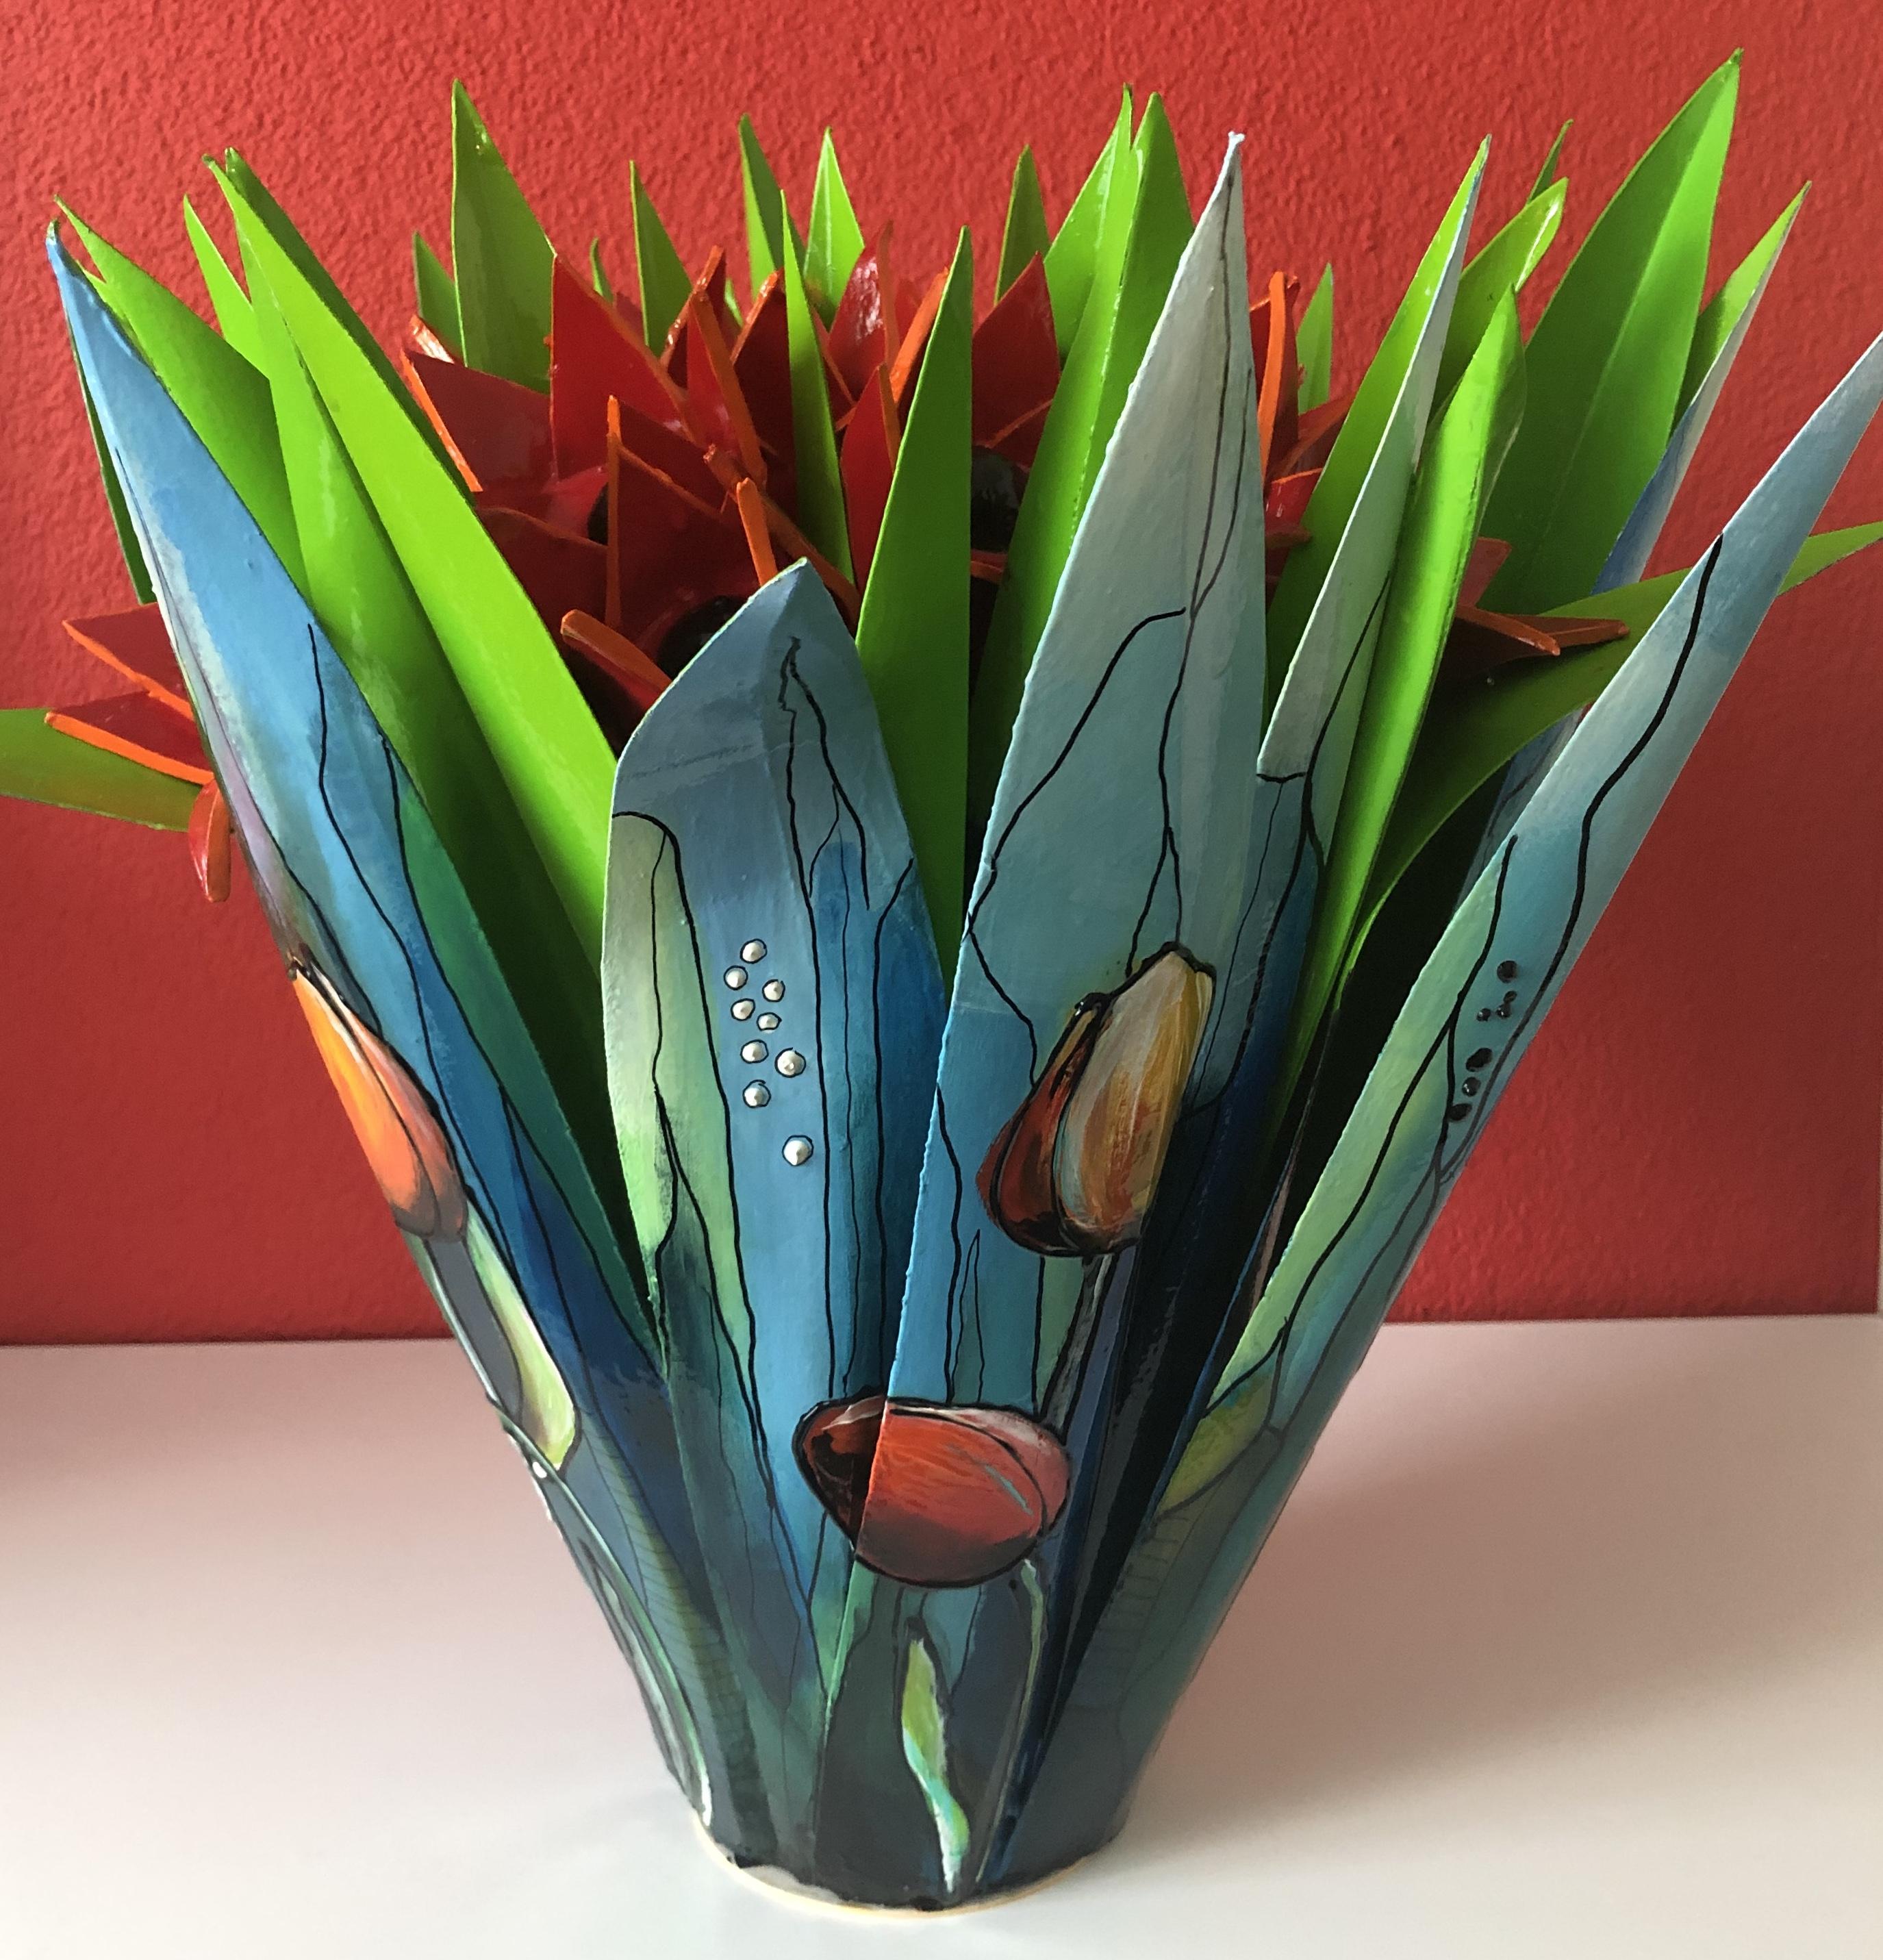 nieuw tulpobject met 13 klei tulpen, sep